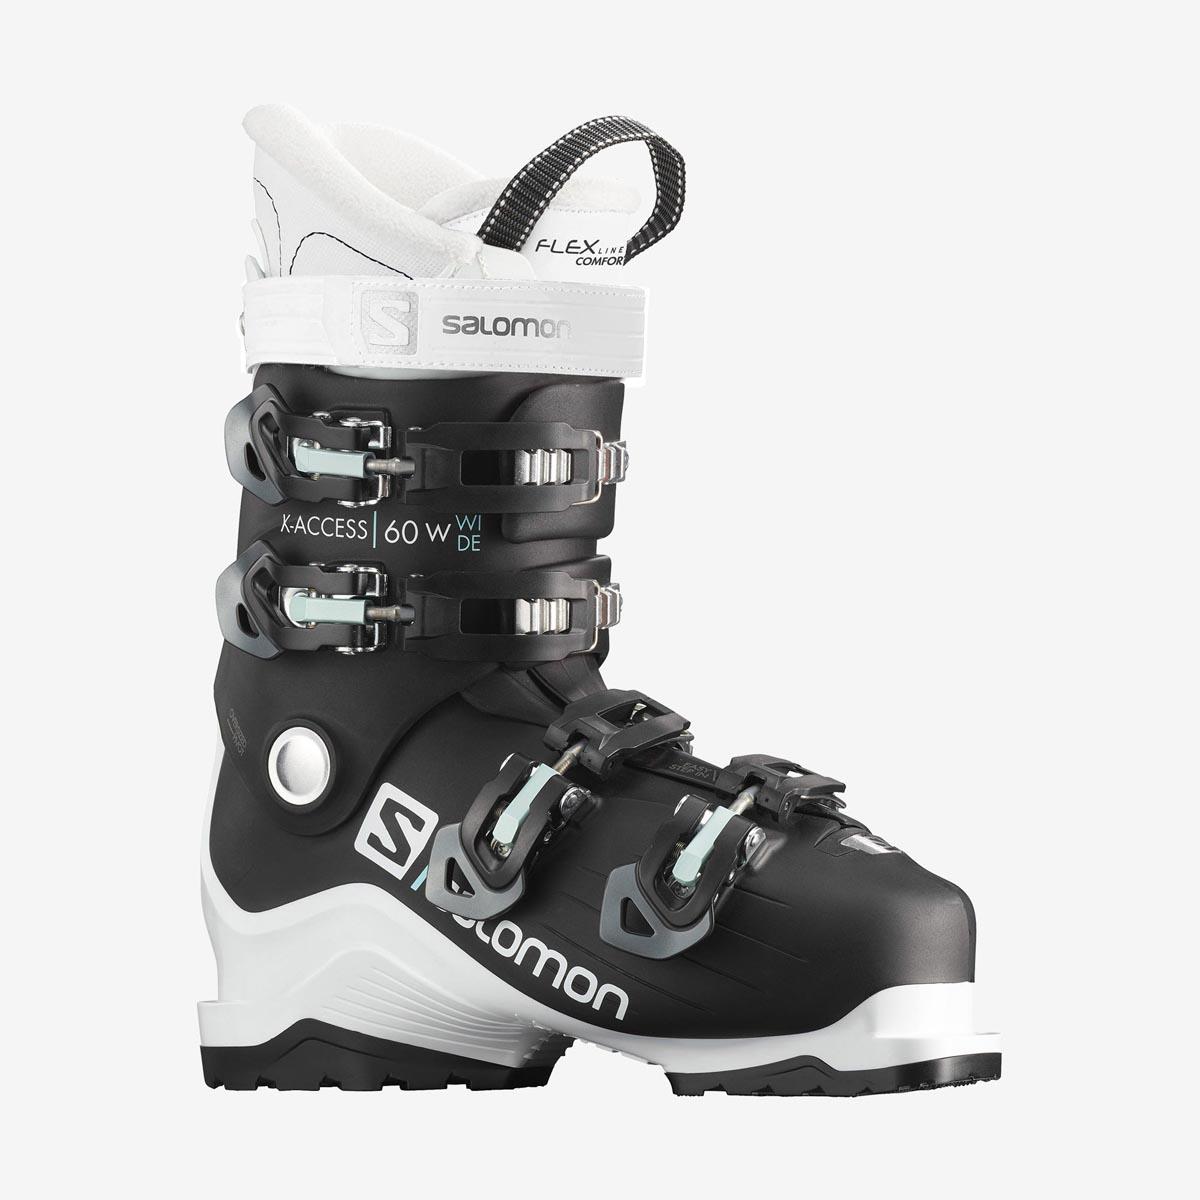 Ботинки лыжные X ACCESS 60 W WIDE